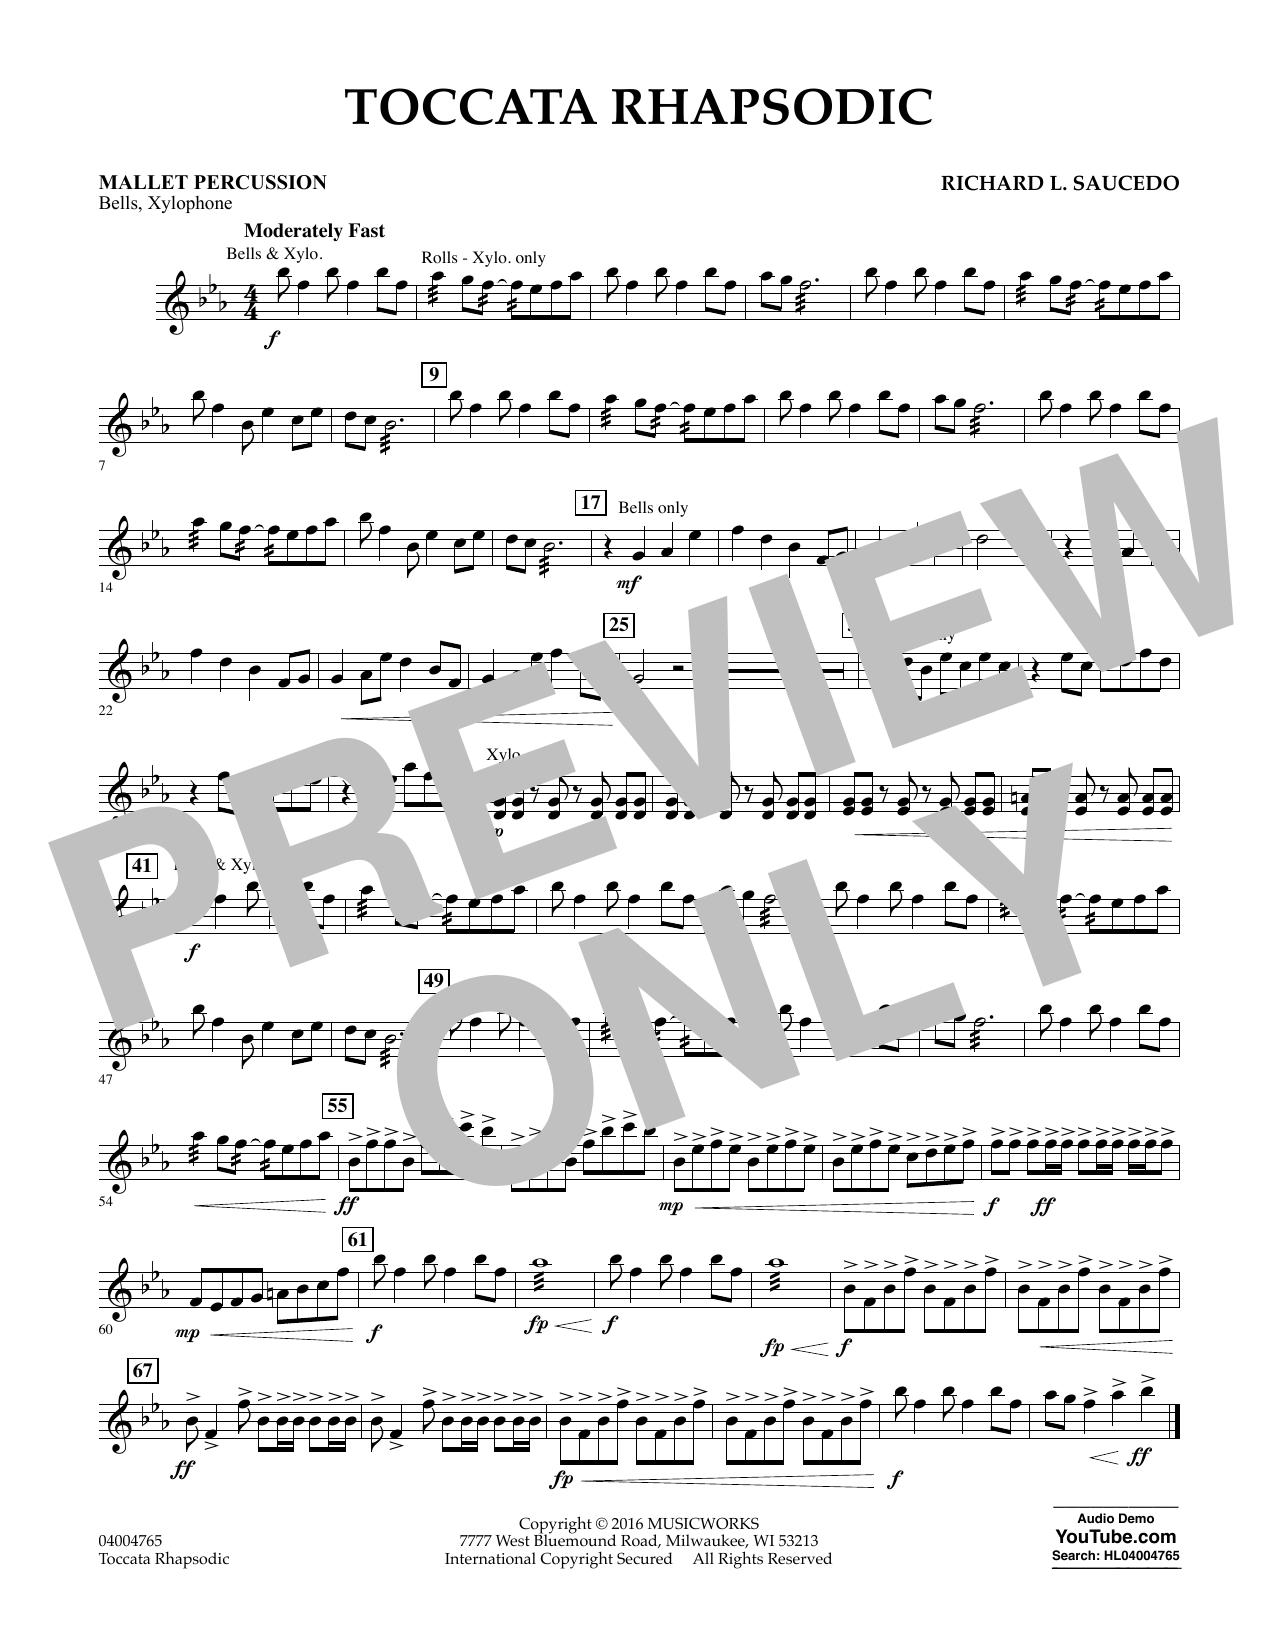 Toccata Rhapsodic - Mallet Percussion